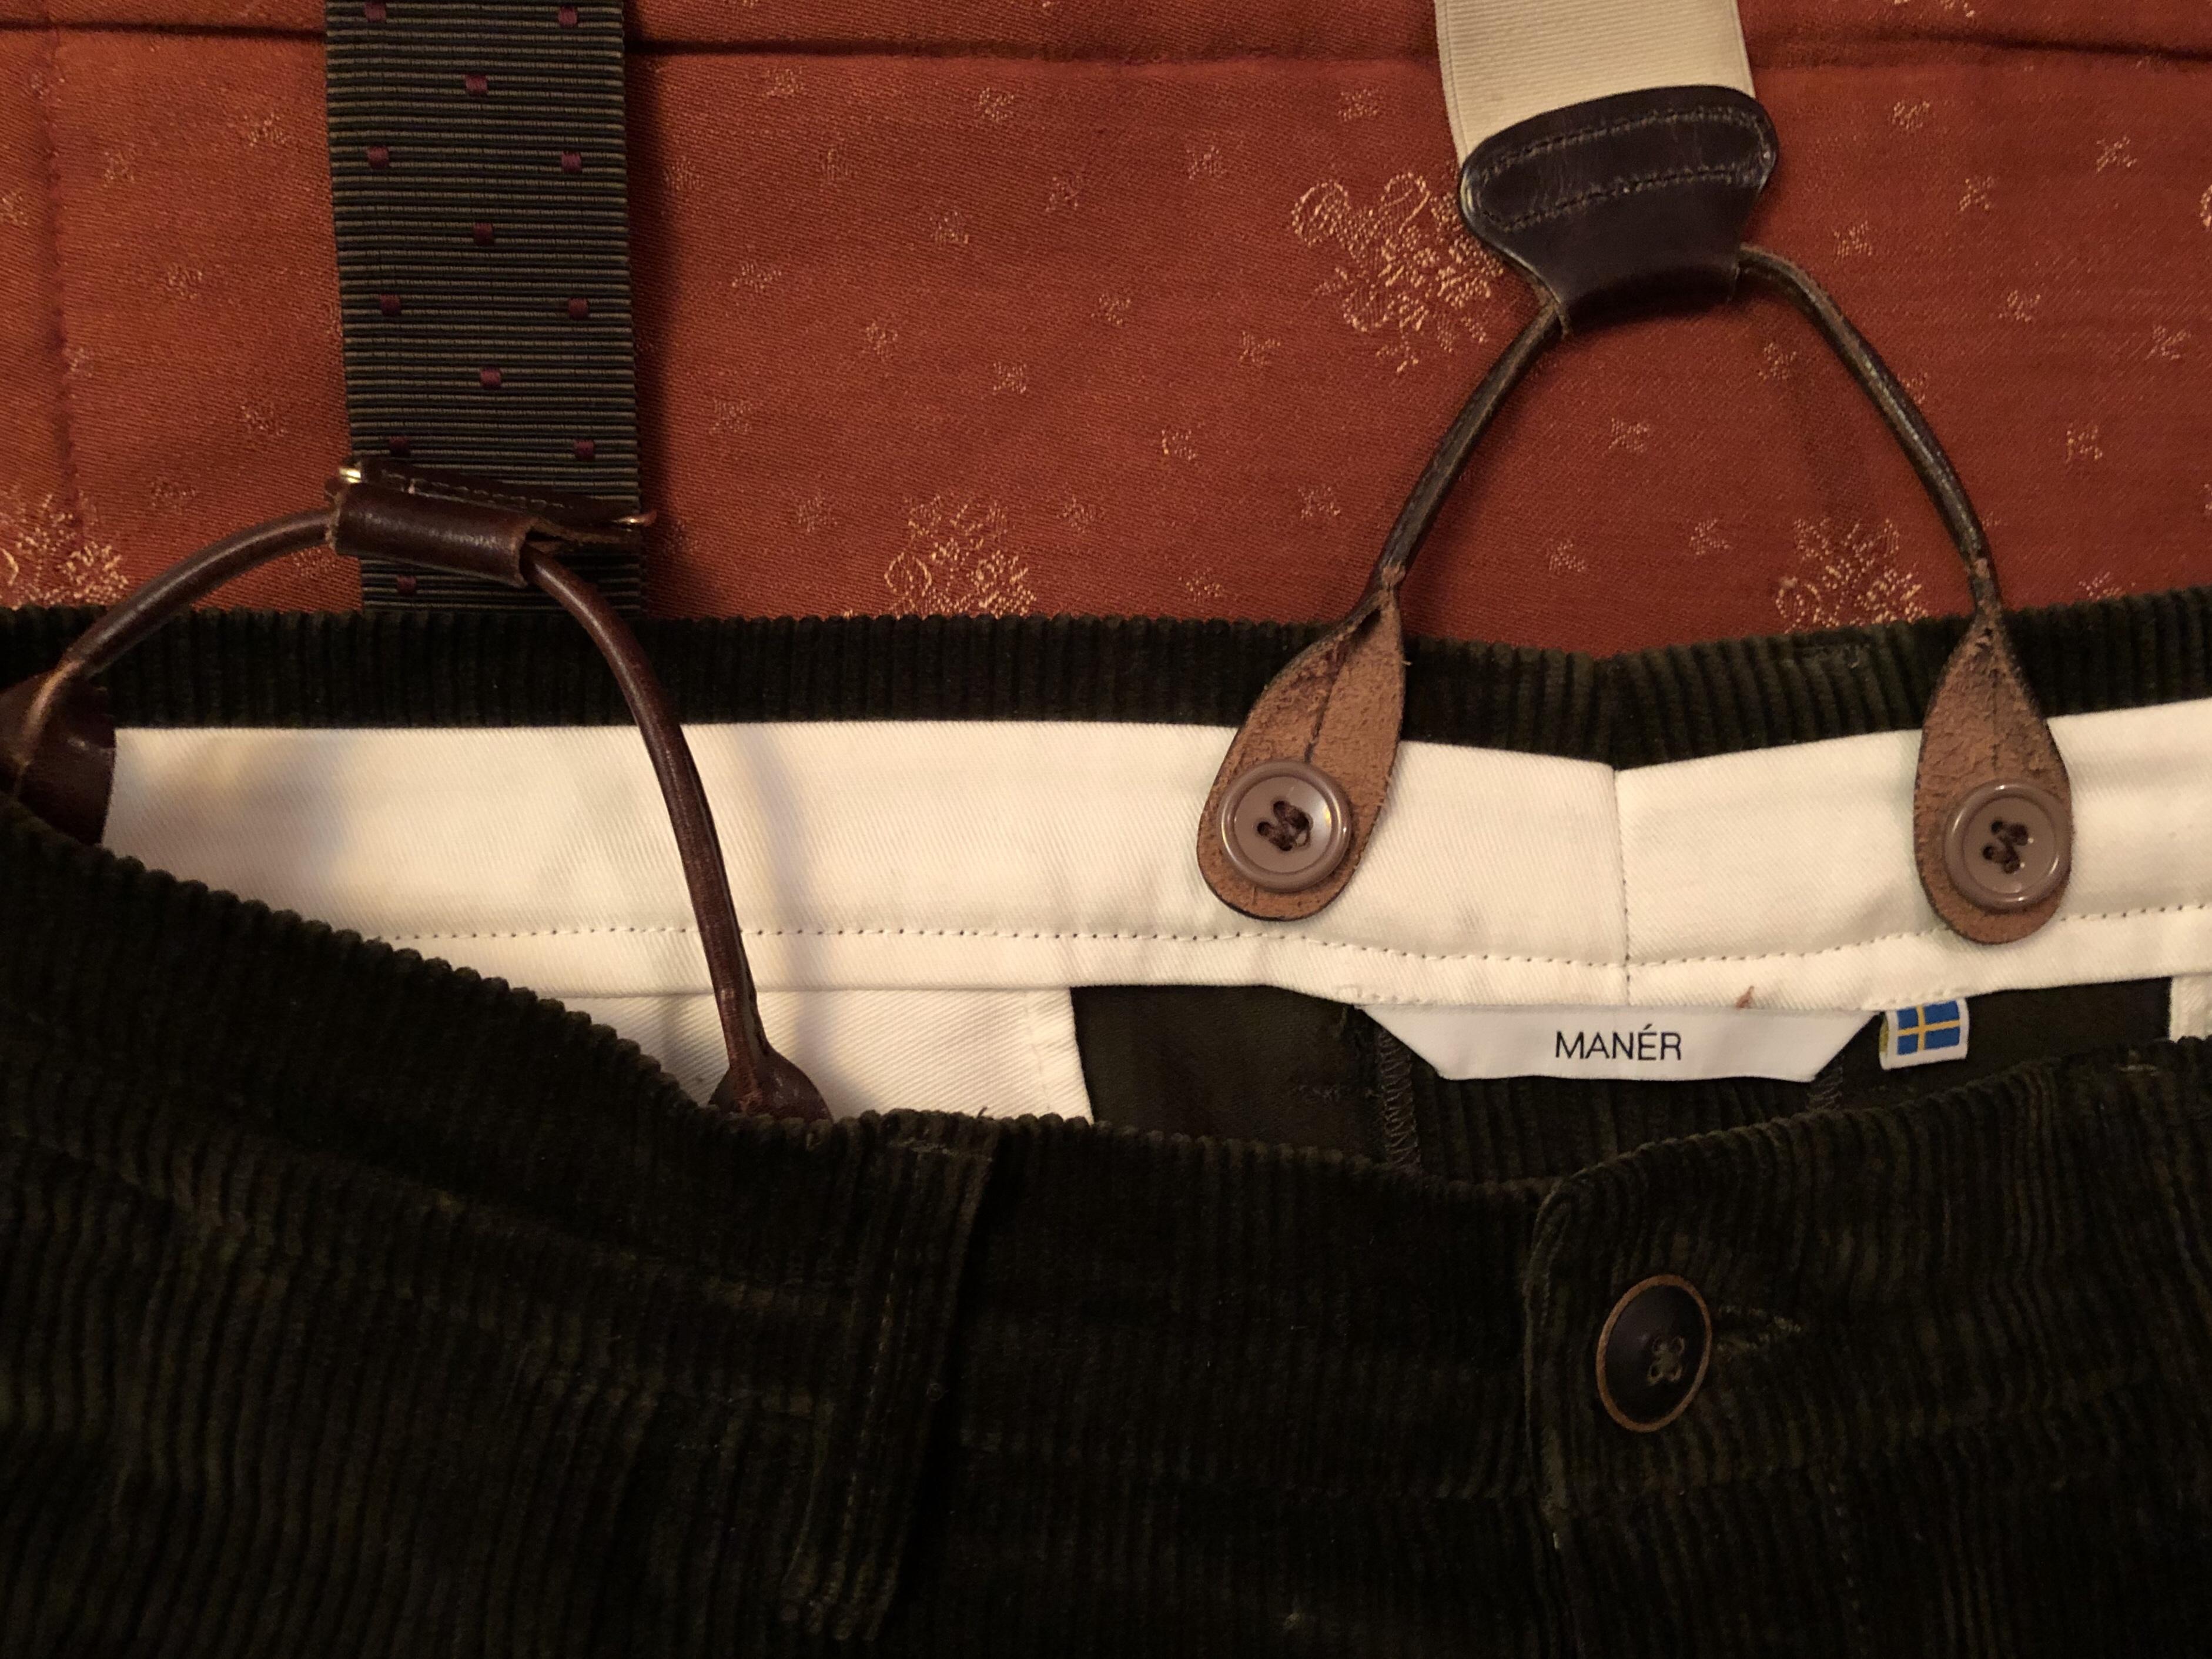 Eleganta herr skor, 1970 tal, grön mocka och läder, nyskick, ej använda, vintage